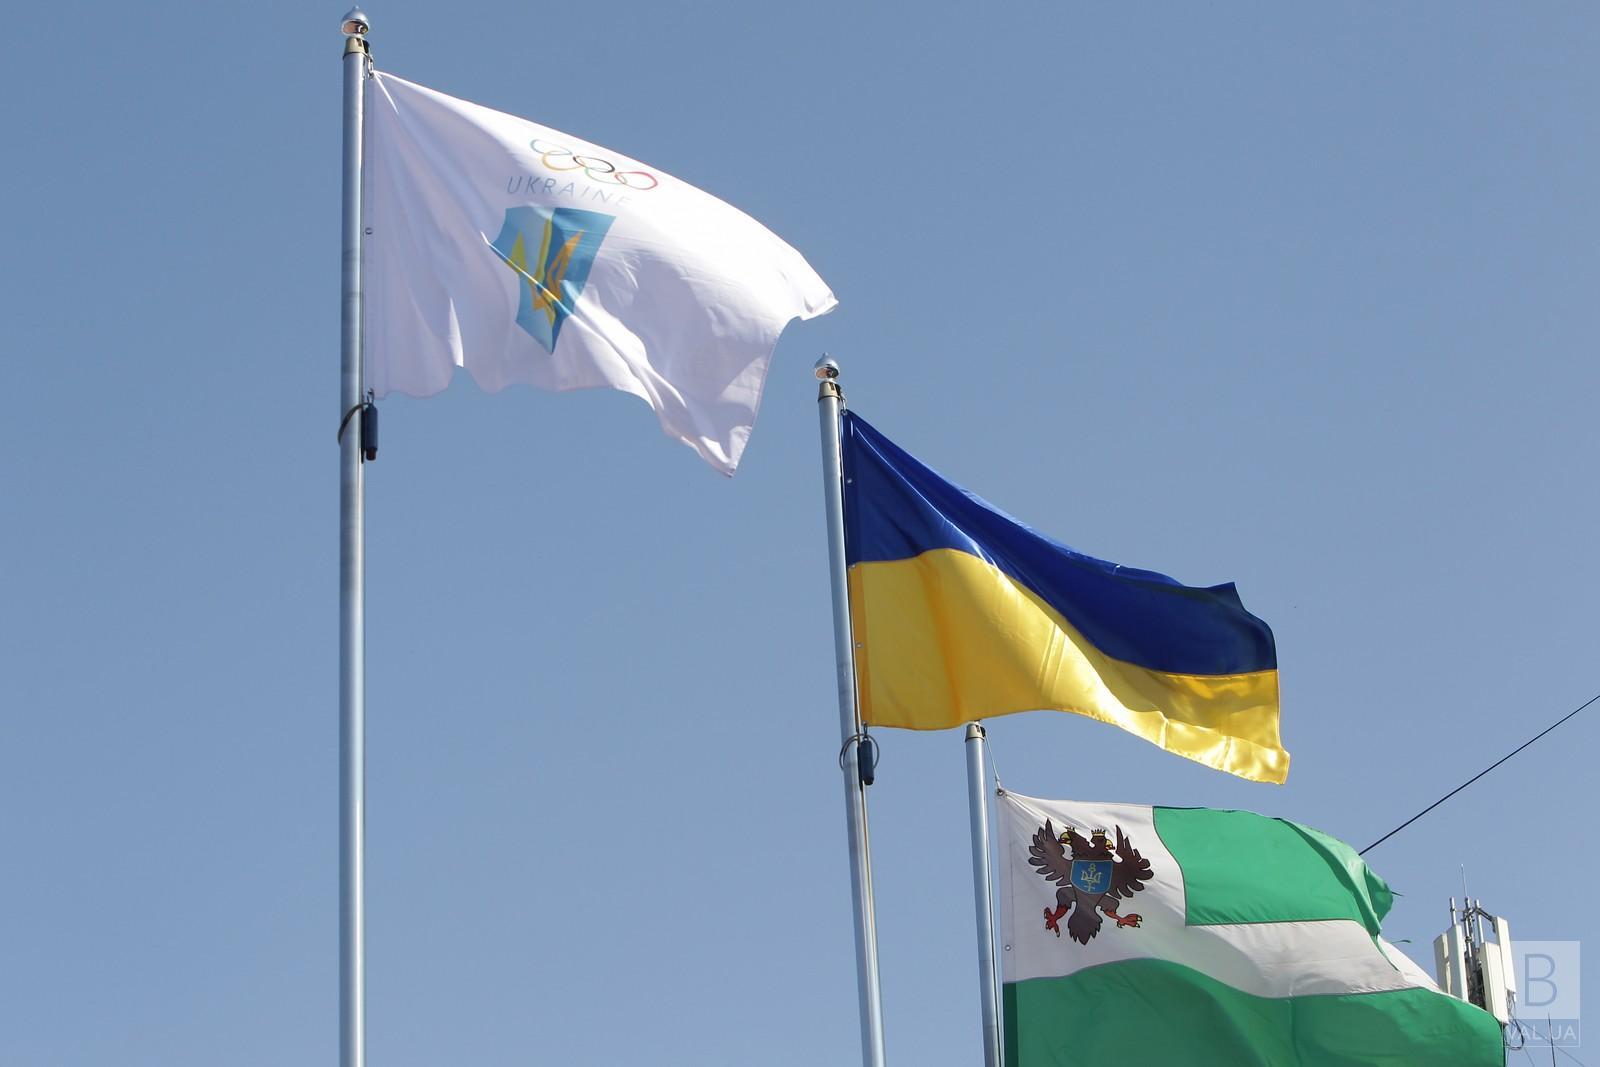 Прапор НОК майорітиме на Красній площі Чернігова до завершення Олімпіади у Токіо